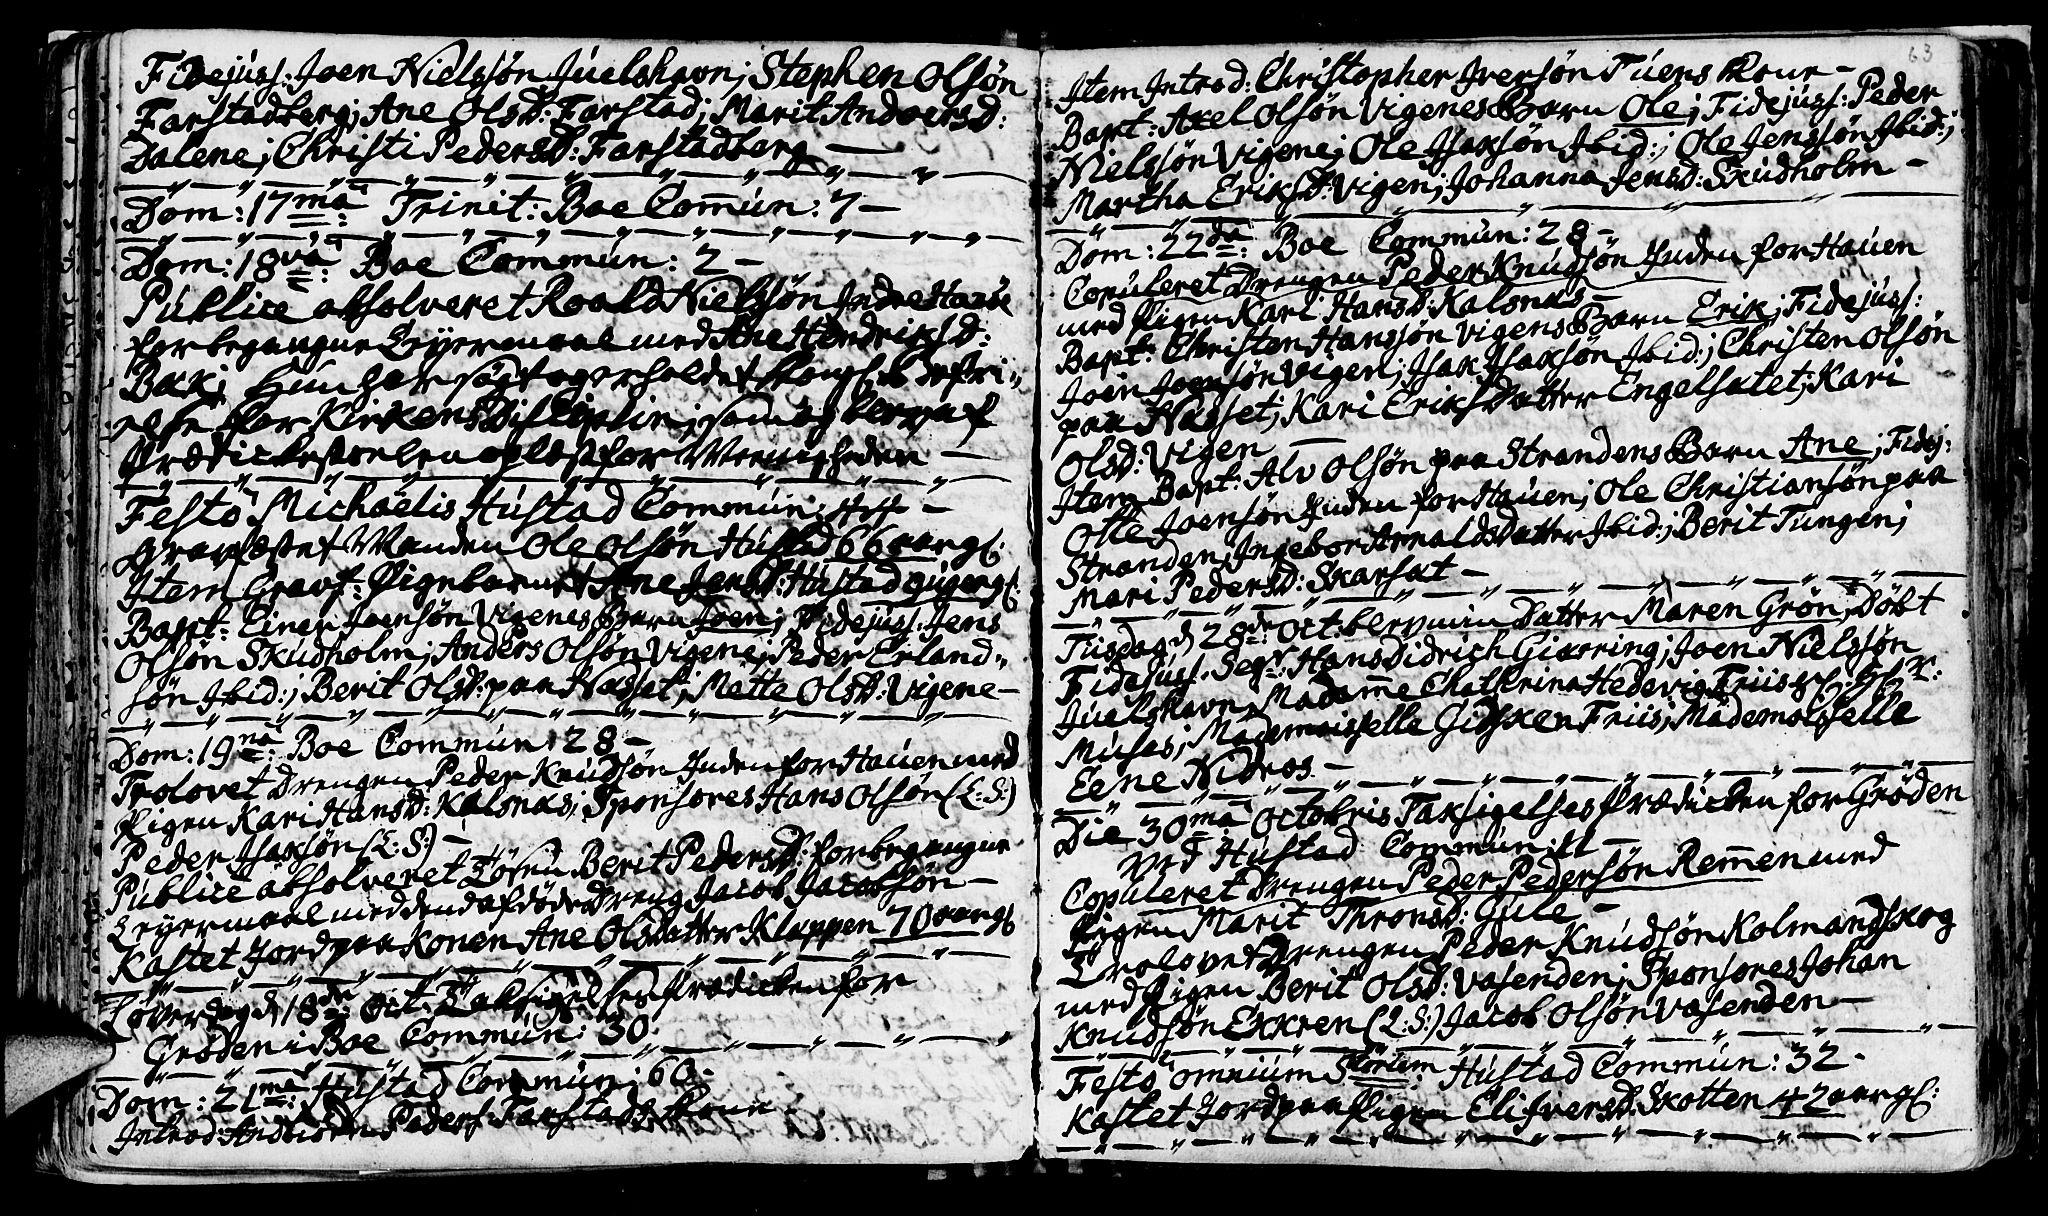 SAT, Ministerialprotokoller, klokkerbøker og fødselsregistre - Møre og Romsdal, 566/L0760: Ministerialbok nr. 566A01, 1739-1766, s. 63